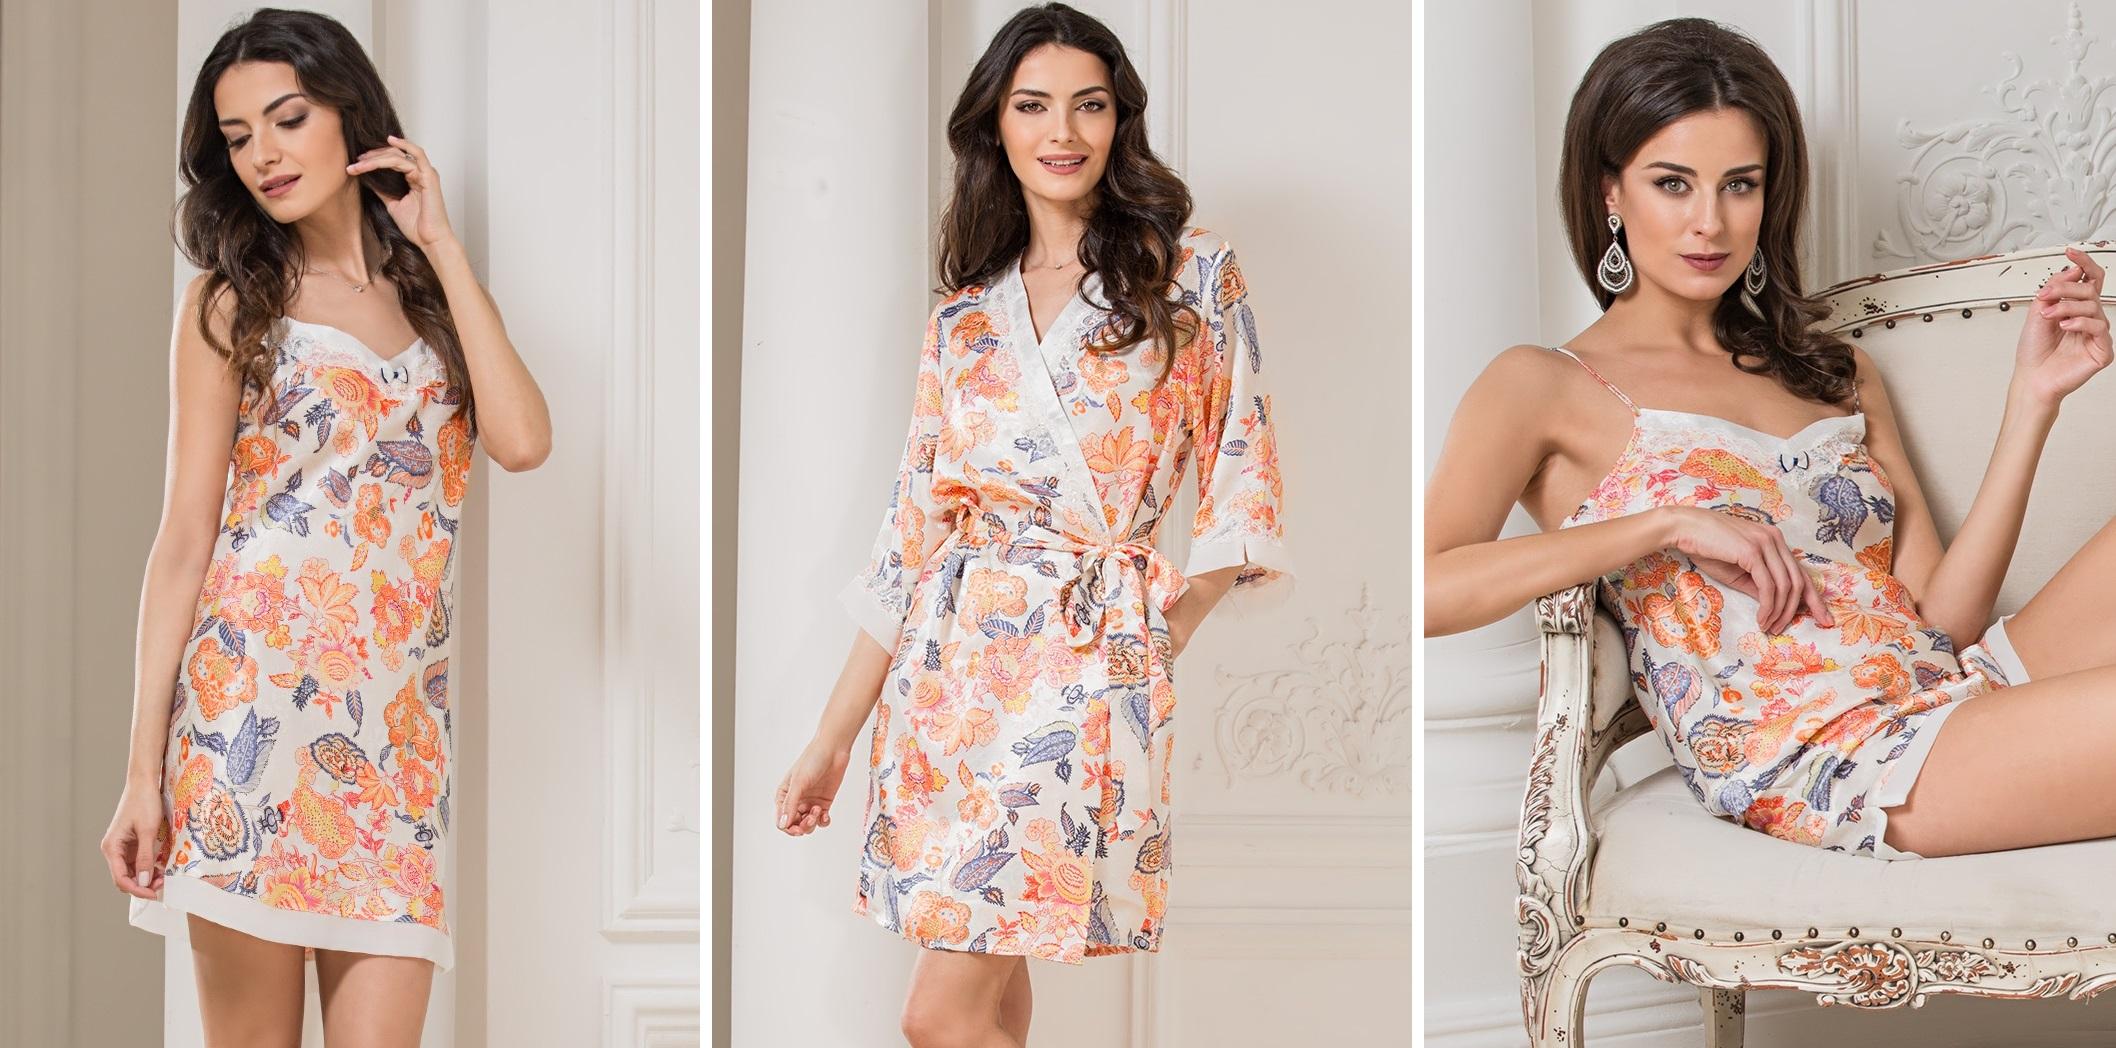 Женские сорочки халаты комплекты ТМ Mia-Mia Ornella купить в интернет-магазине Киев